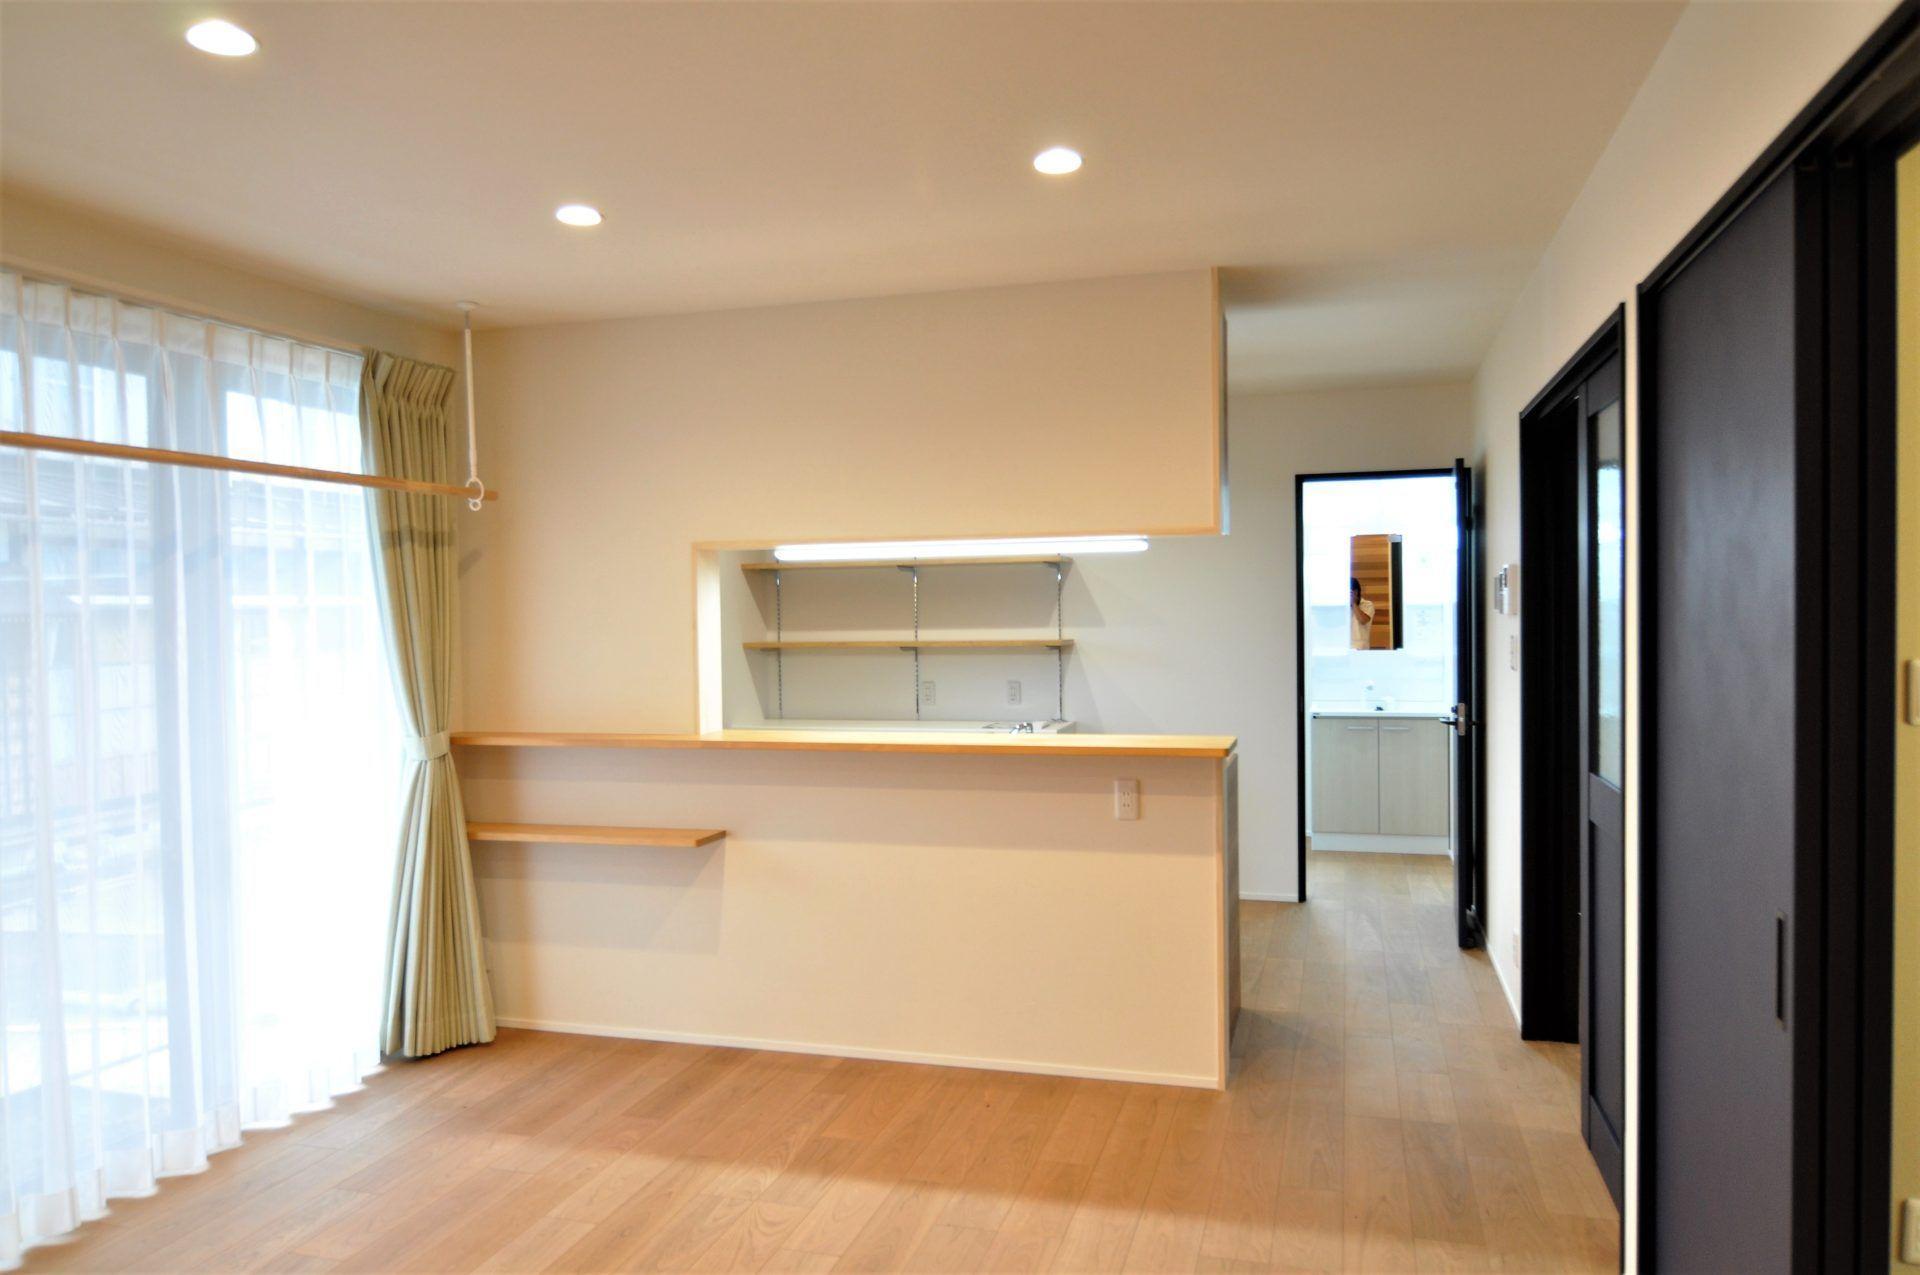 有限会社 市川建築店 1級建築士事務所「三条市 O様邸」のシンプル・ナチュラルなリビング・ダイニングの実例写真